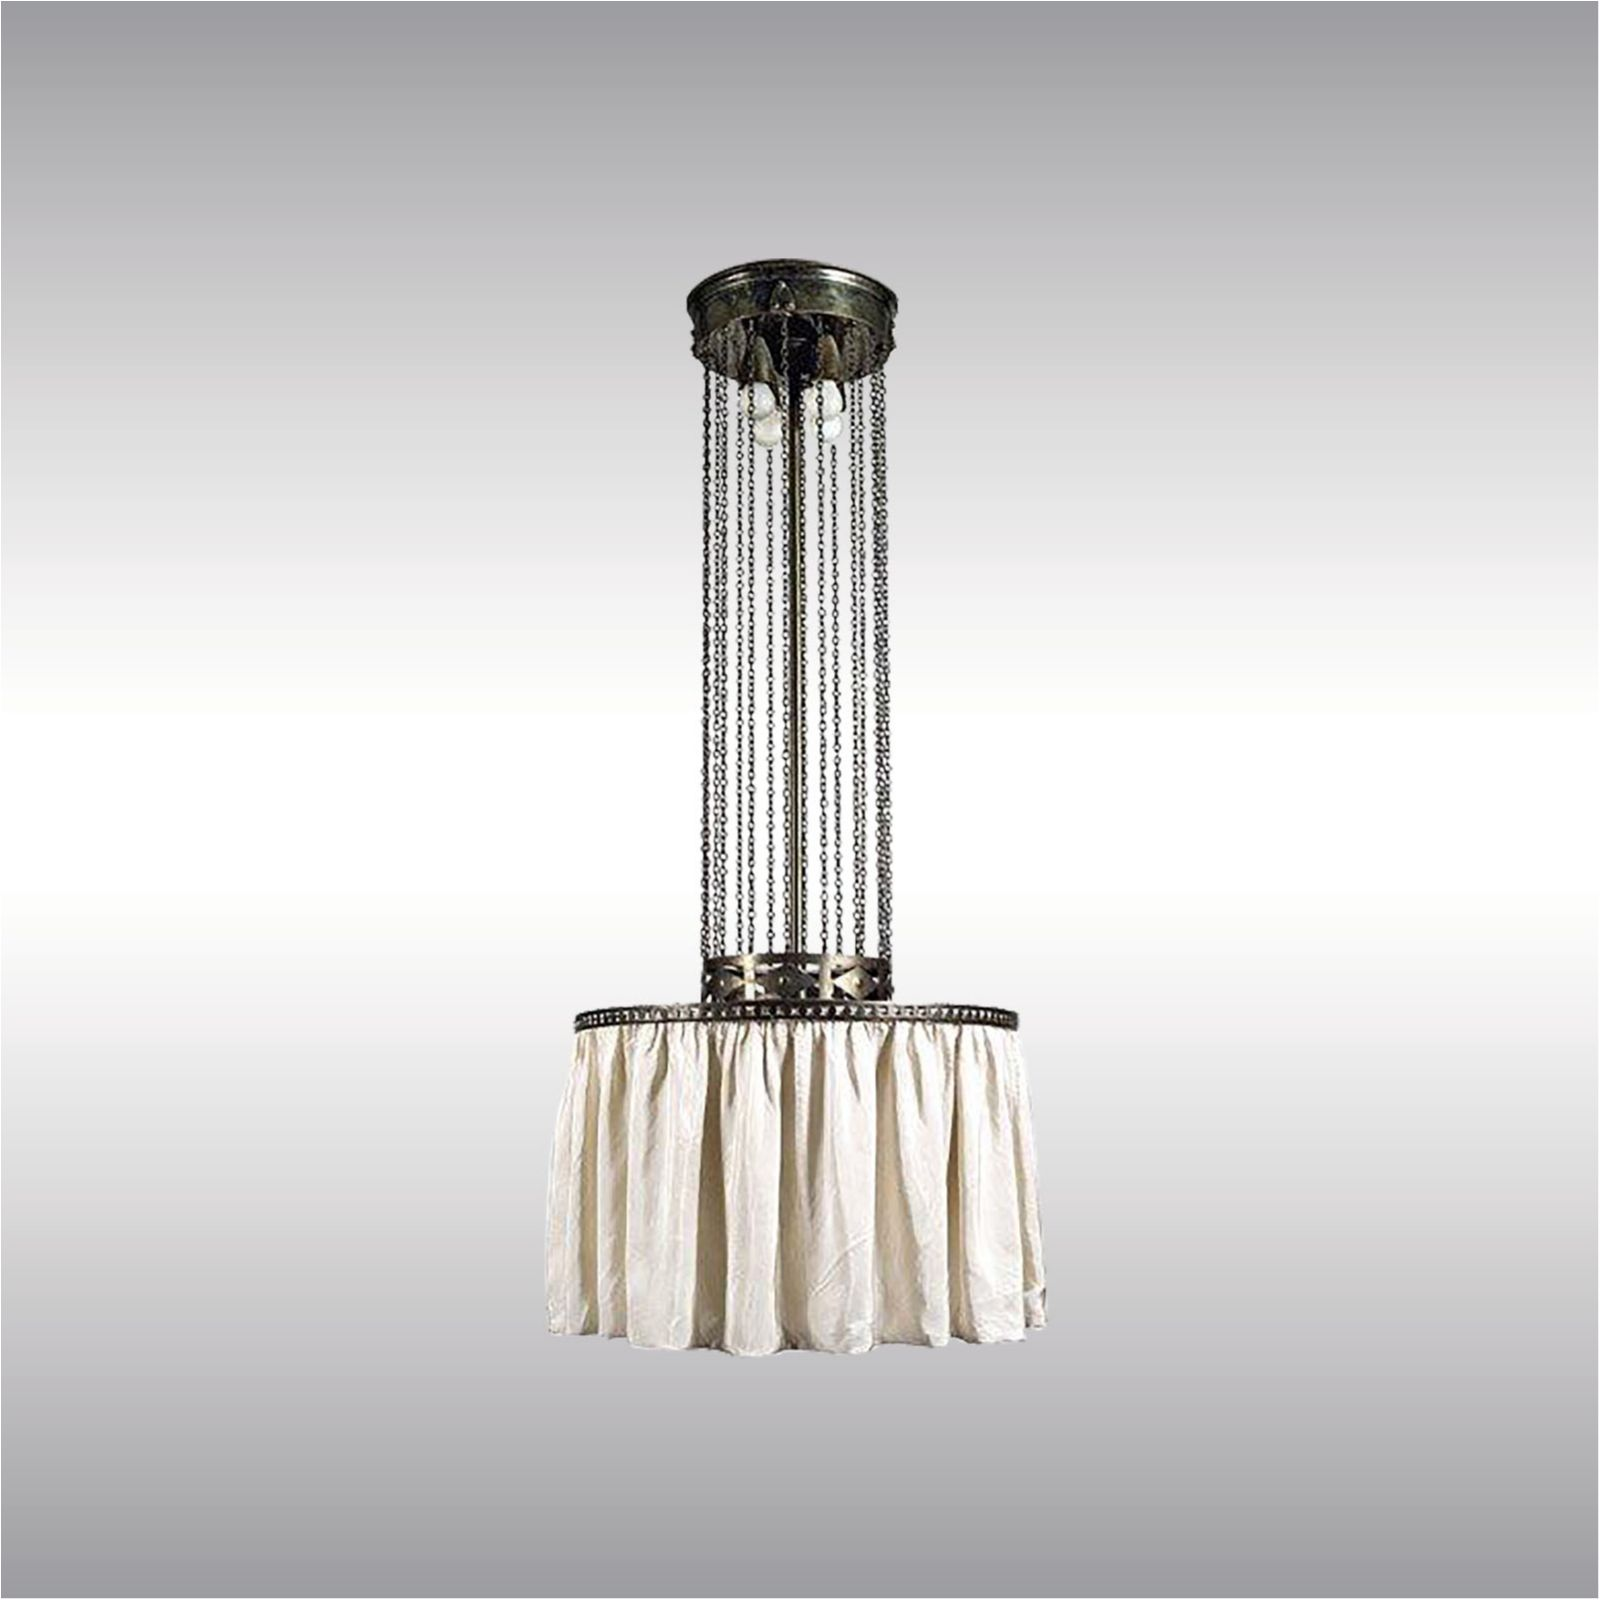 Josef Hoffmann Design.Josef Hoffmann Contemporary Design Edition By Woka